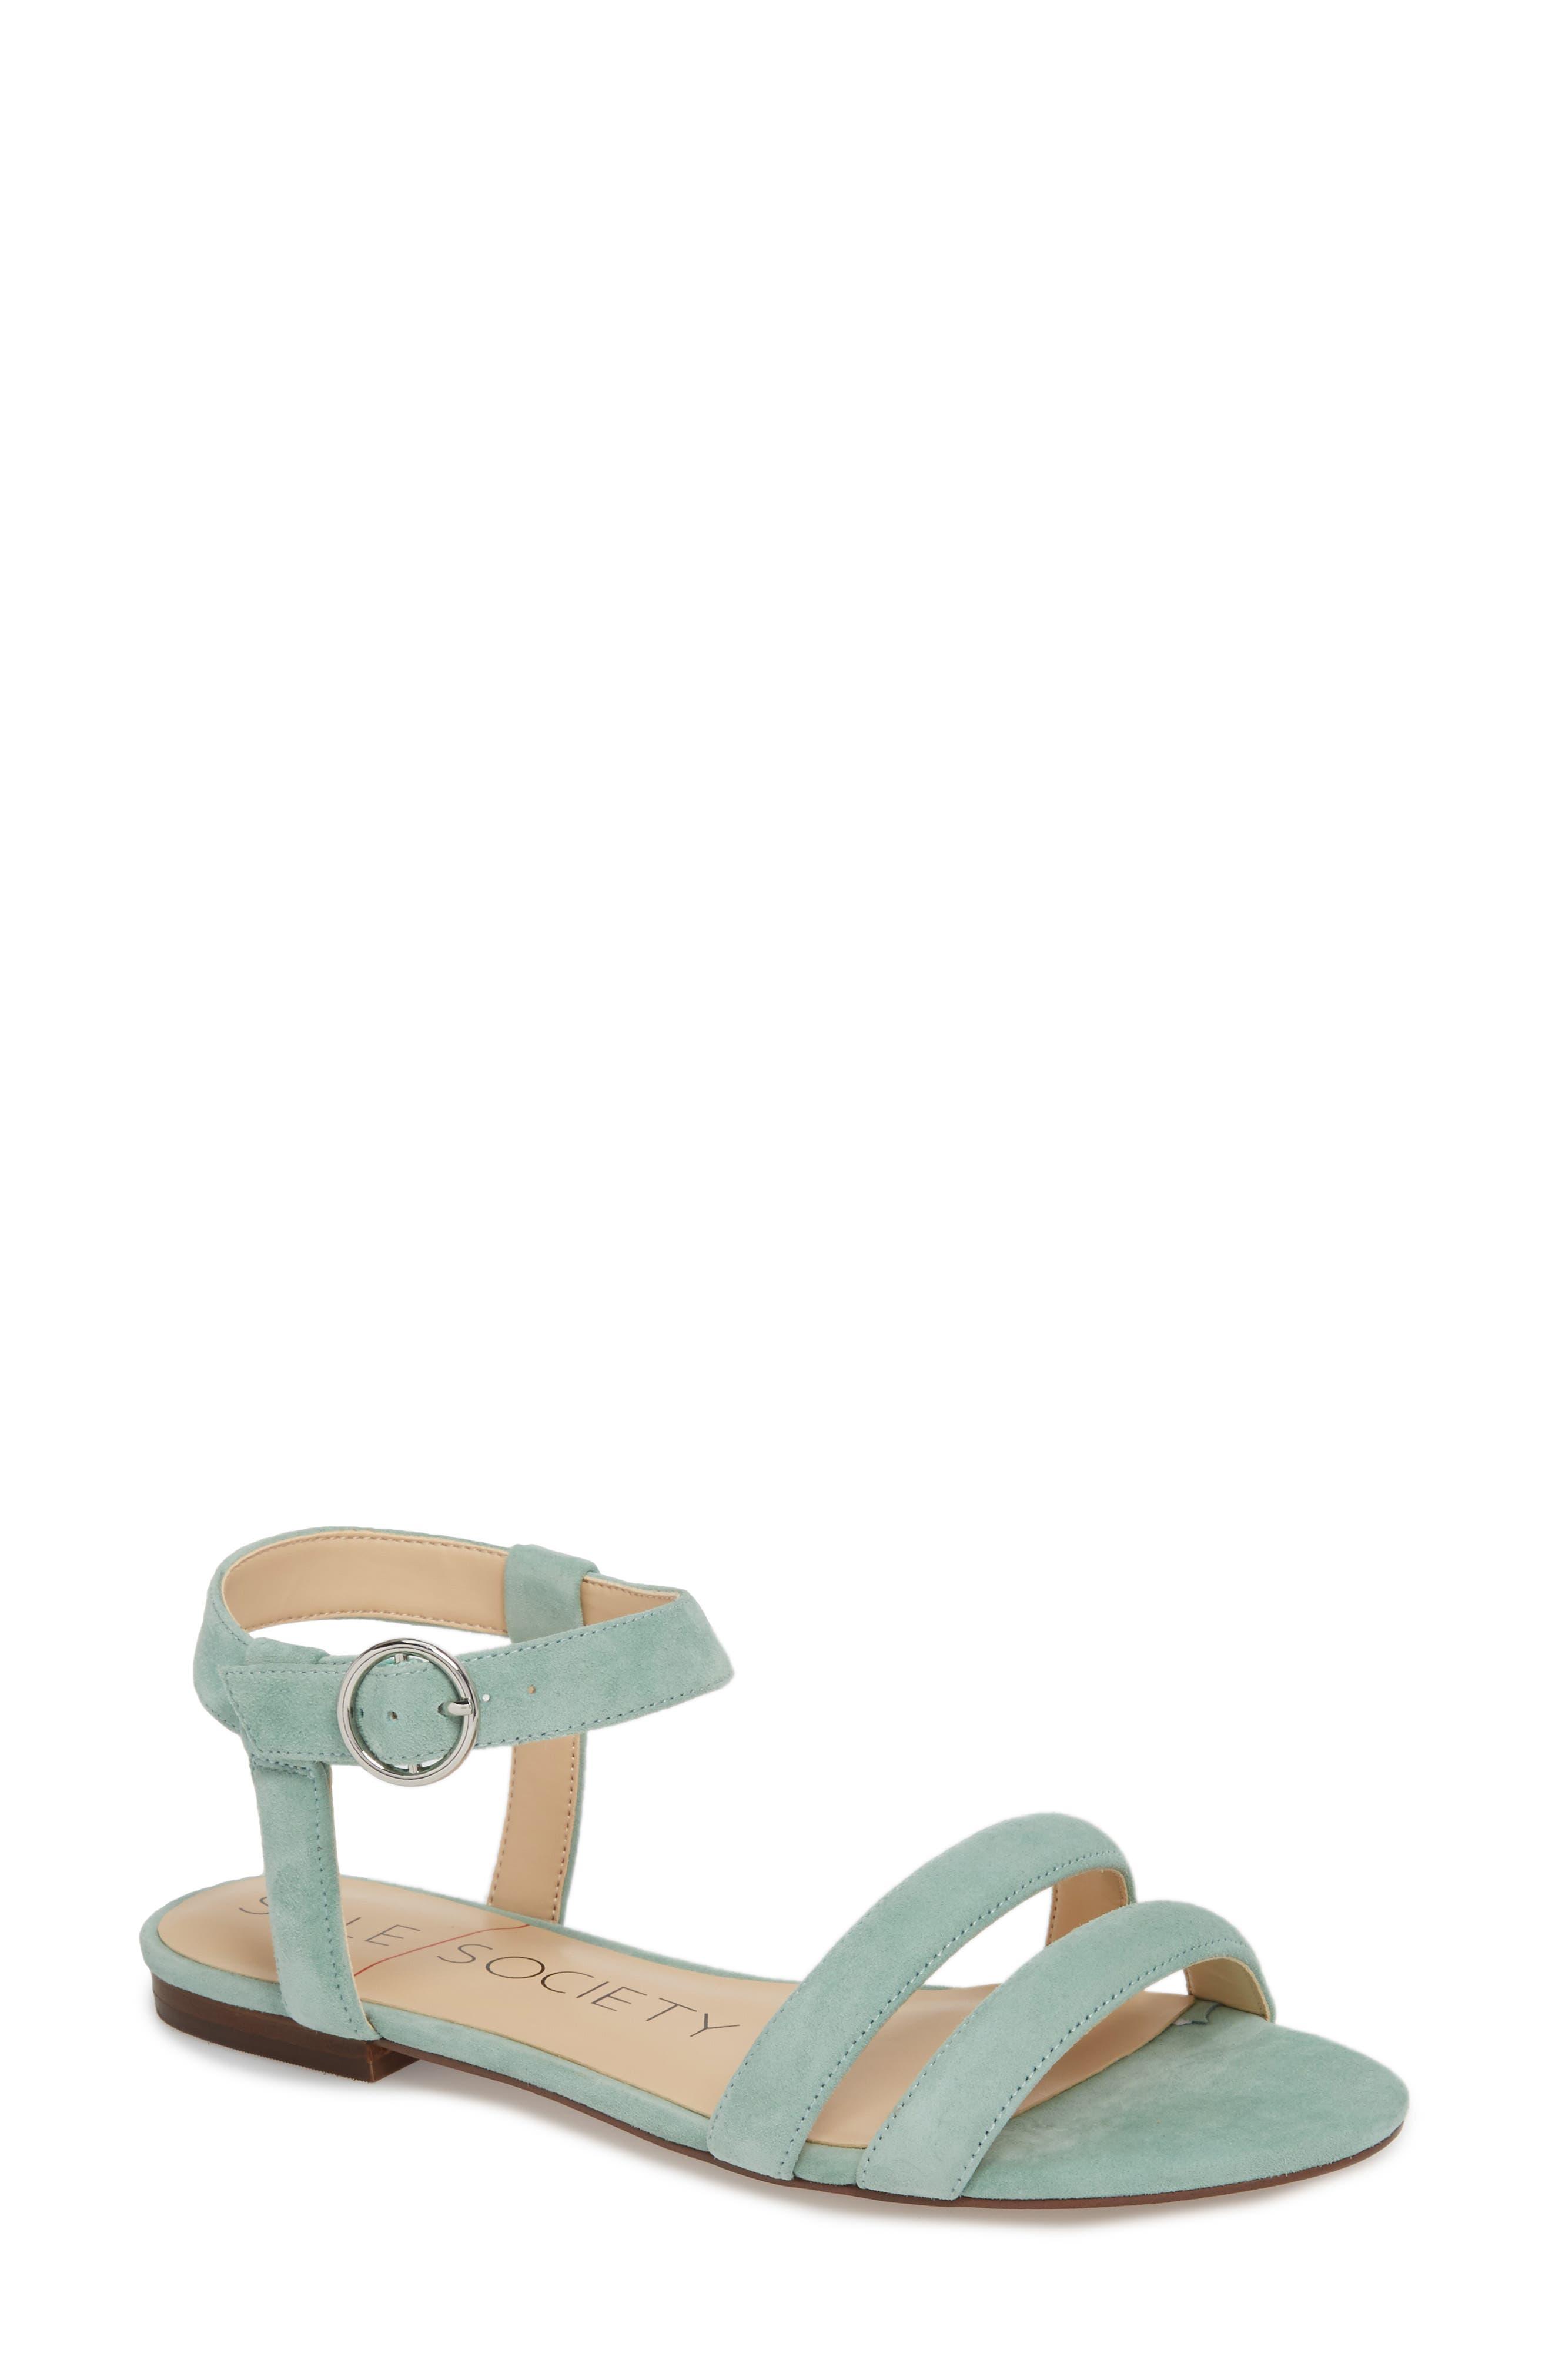 Malie Sandal,                             Main thumbnail 1, color,